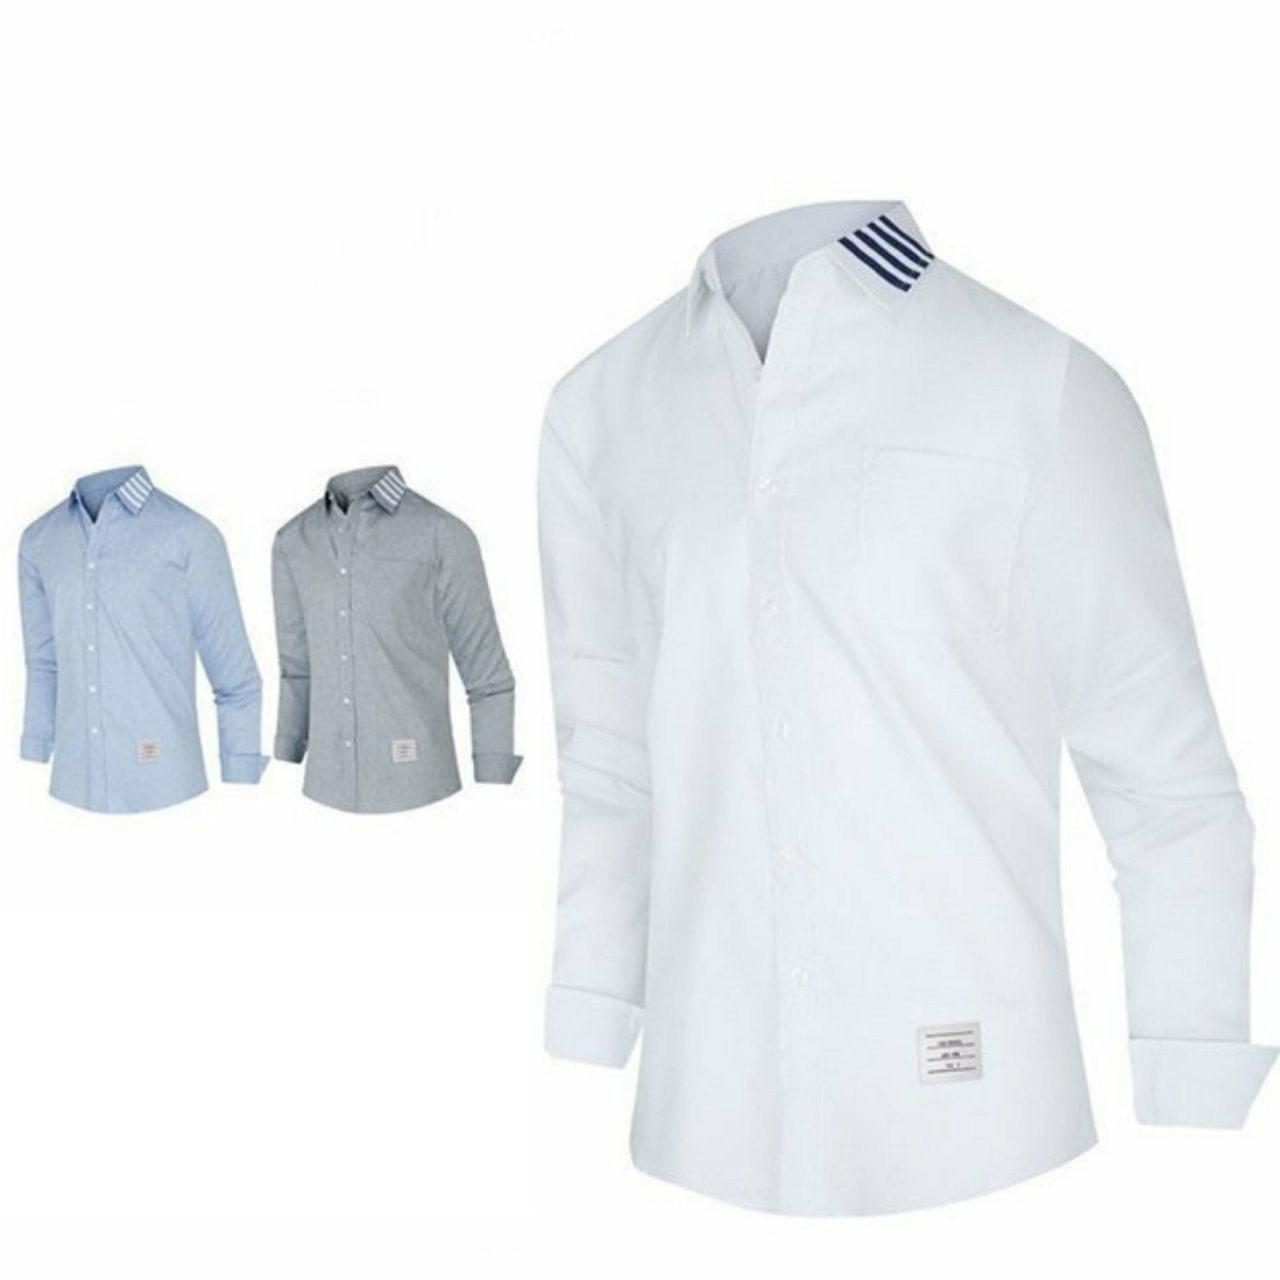 톰브라운 카라 사선포인트 셔츠